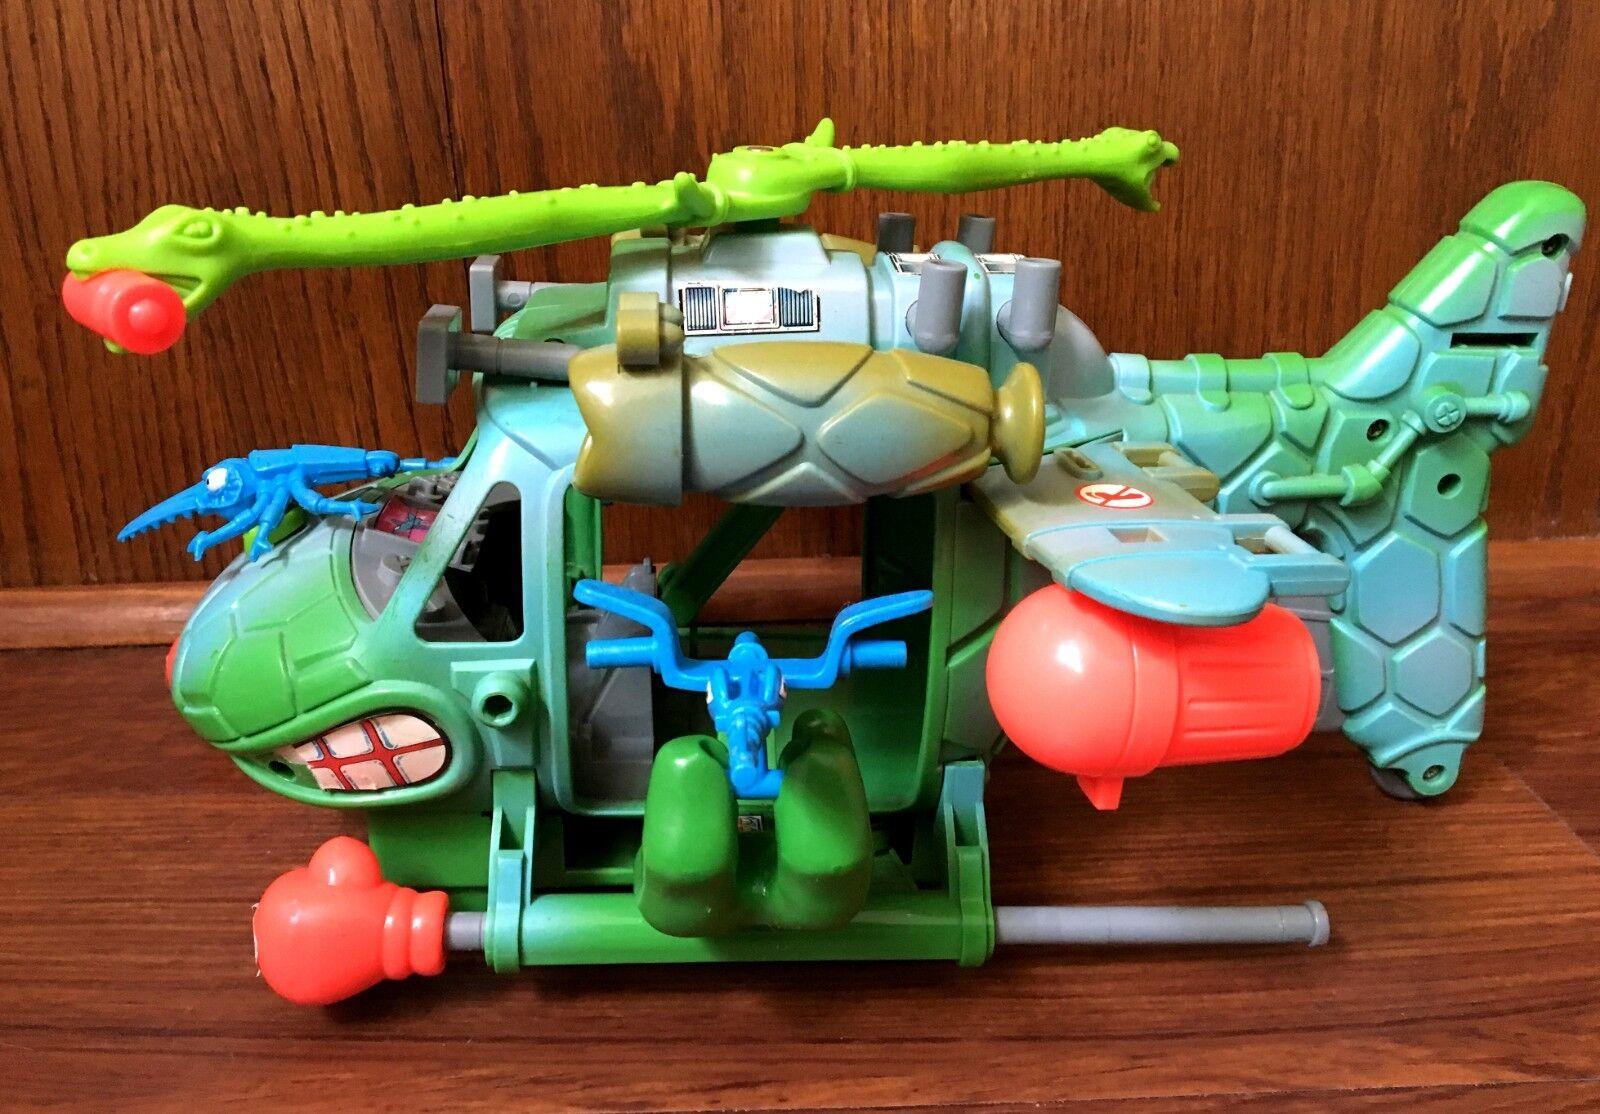 Turtlecopter Vintage TMNT Ninja Turtles Vehicle Playmates Near Complete 1990